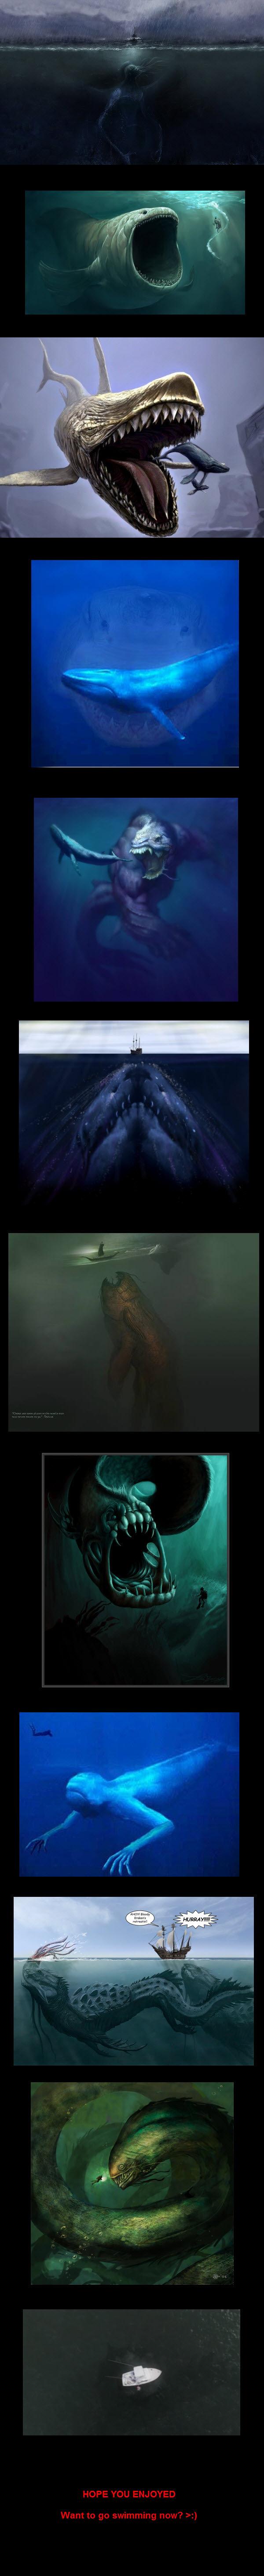 Scared of Oceans?. . ocean sea monster megladon Shark bloop kraken gulp whales Jaws